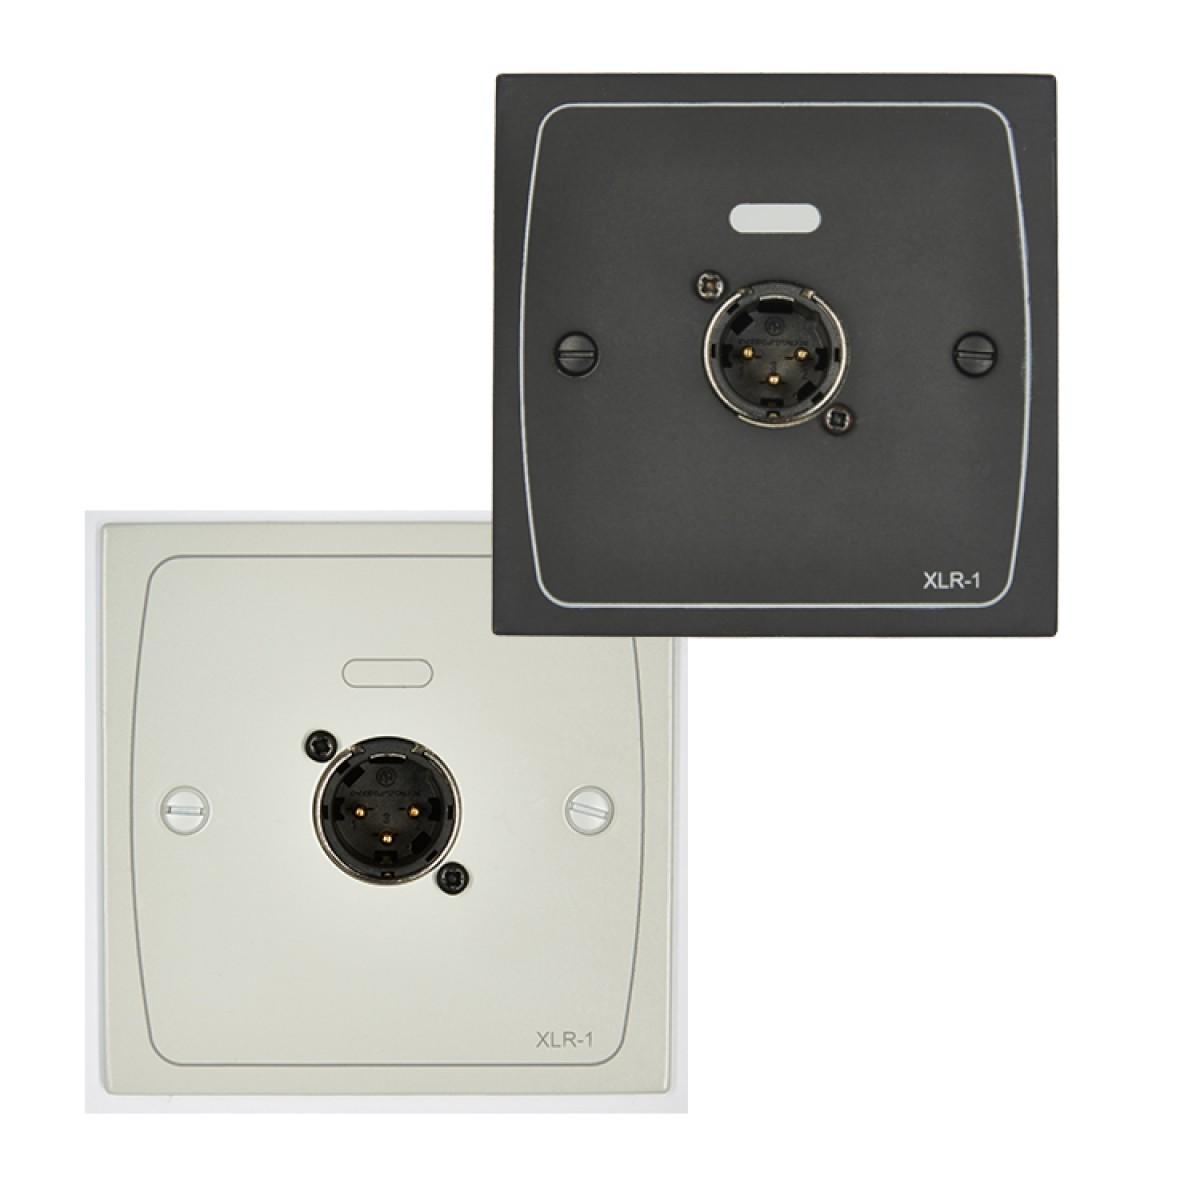 XLR-M1W & XLR-M1B XLR Input Module - White / Black - Male